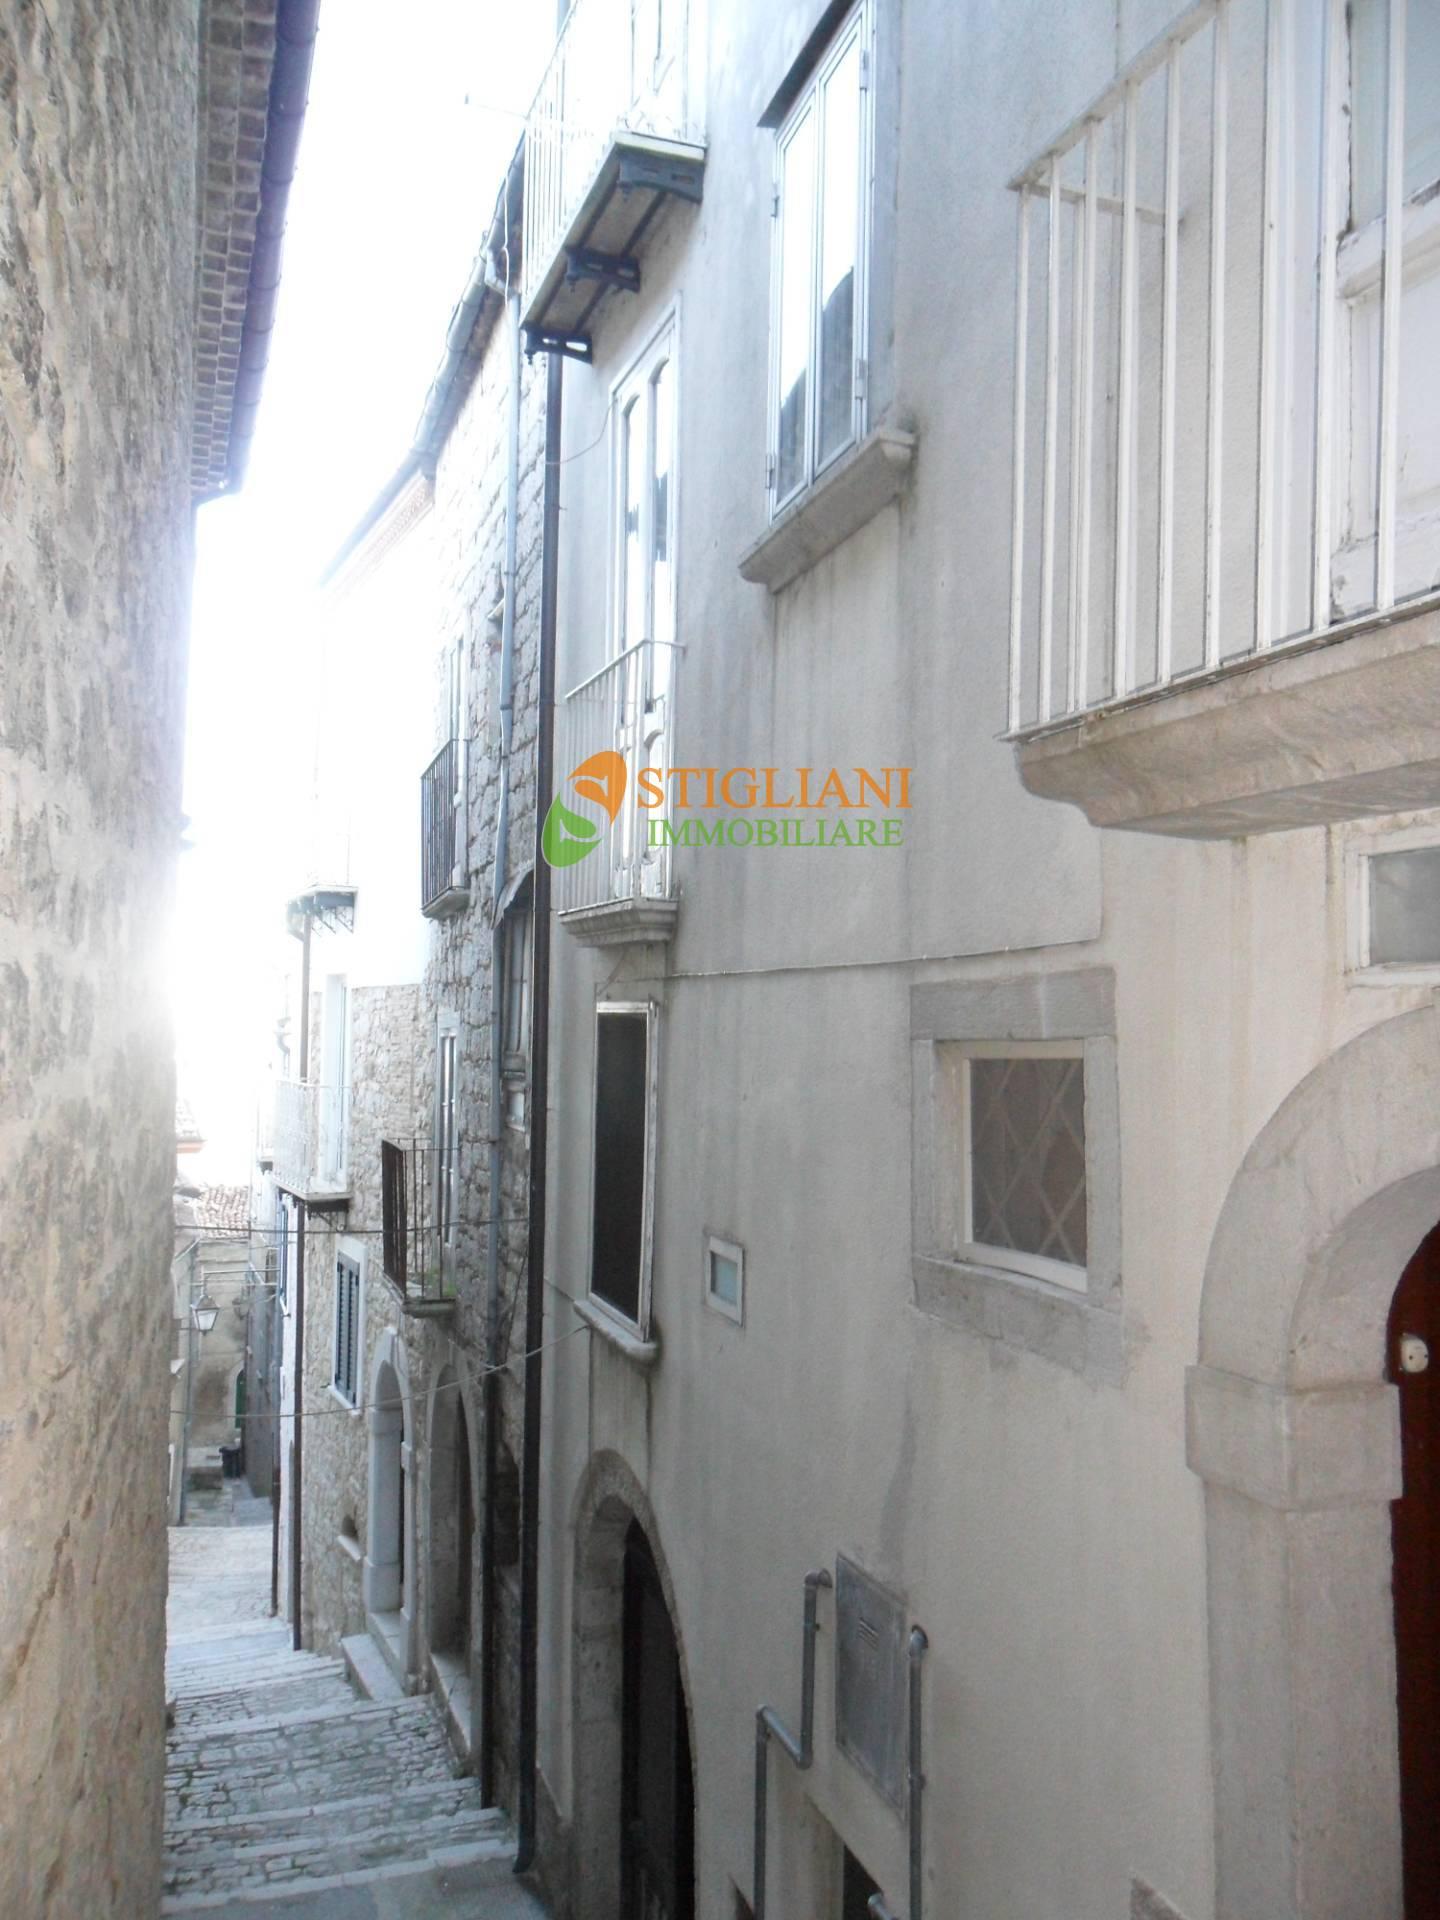 Soluzione Indipendente in vendita a Ferrazzano, 8 locali, zona Località: VicoITeatro, prezzo € 35.000   CambioCasa.it